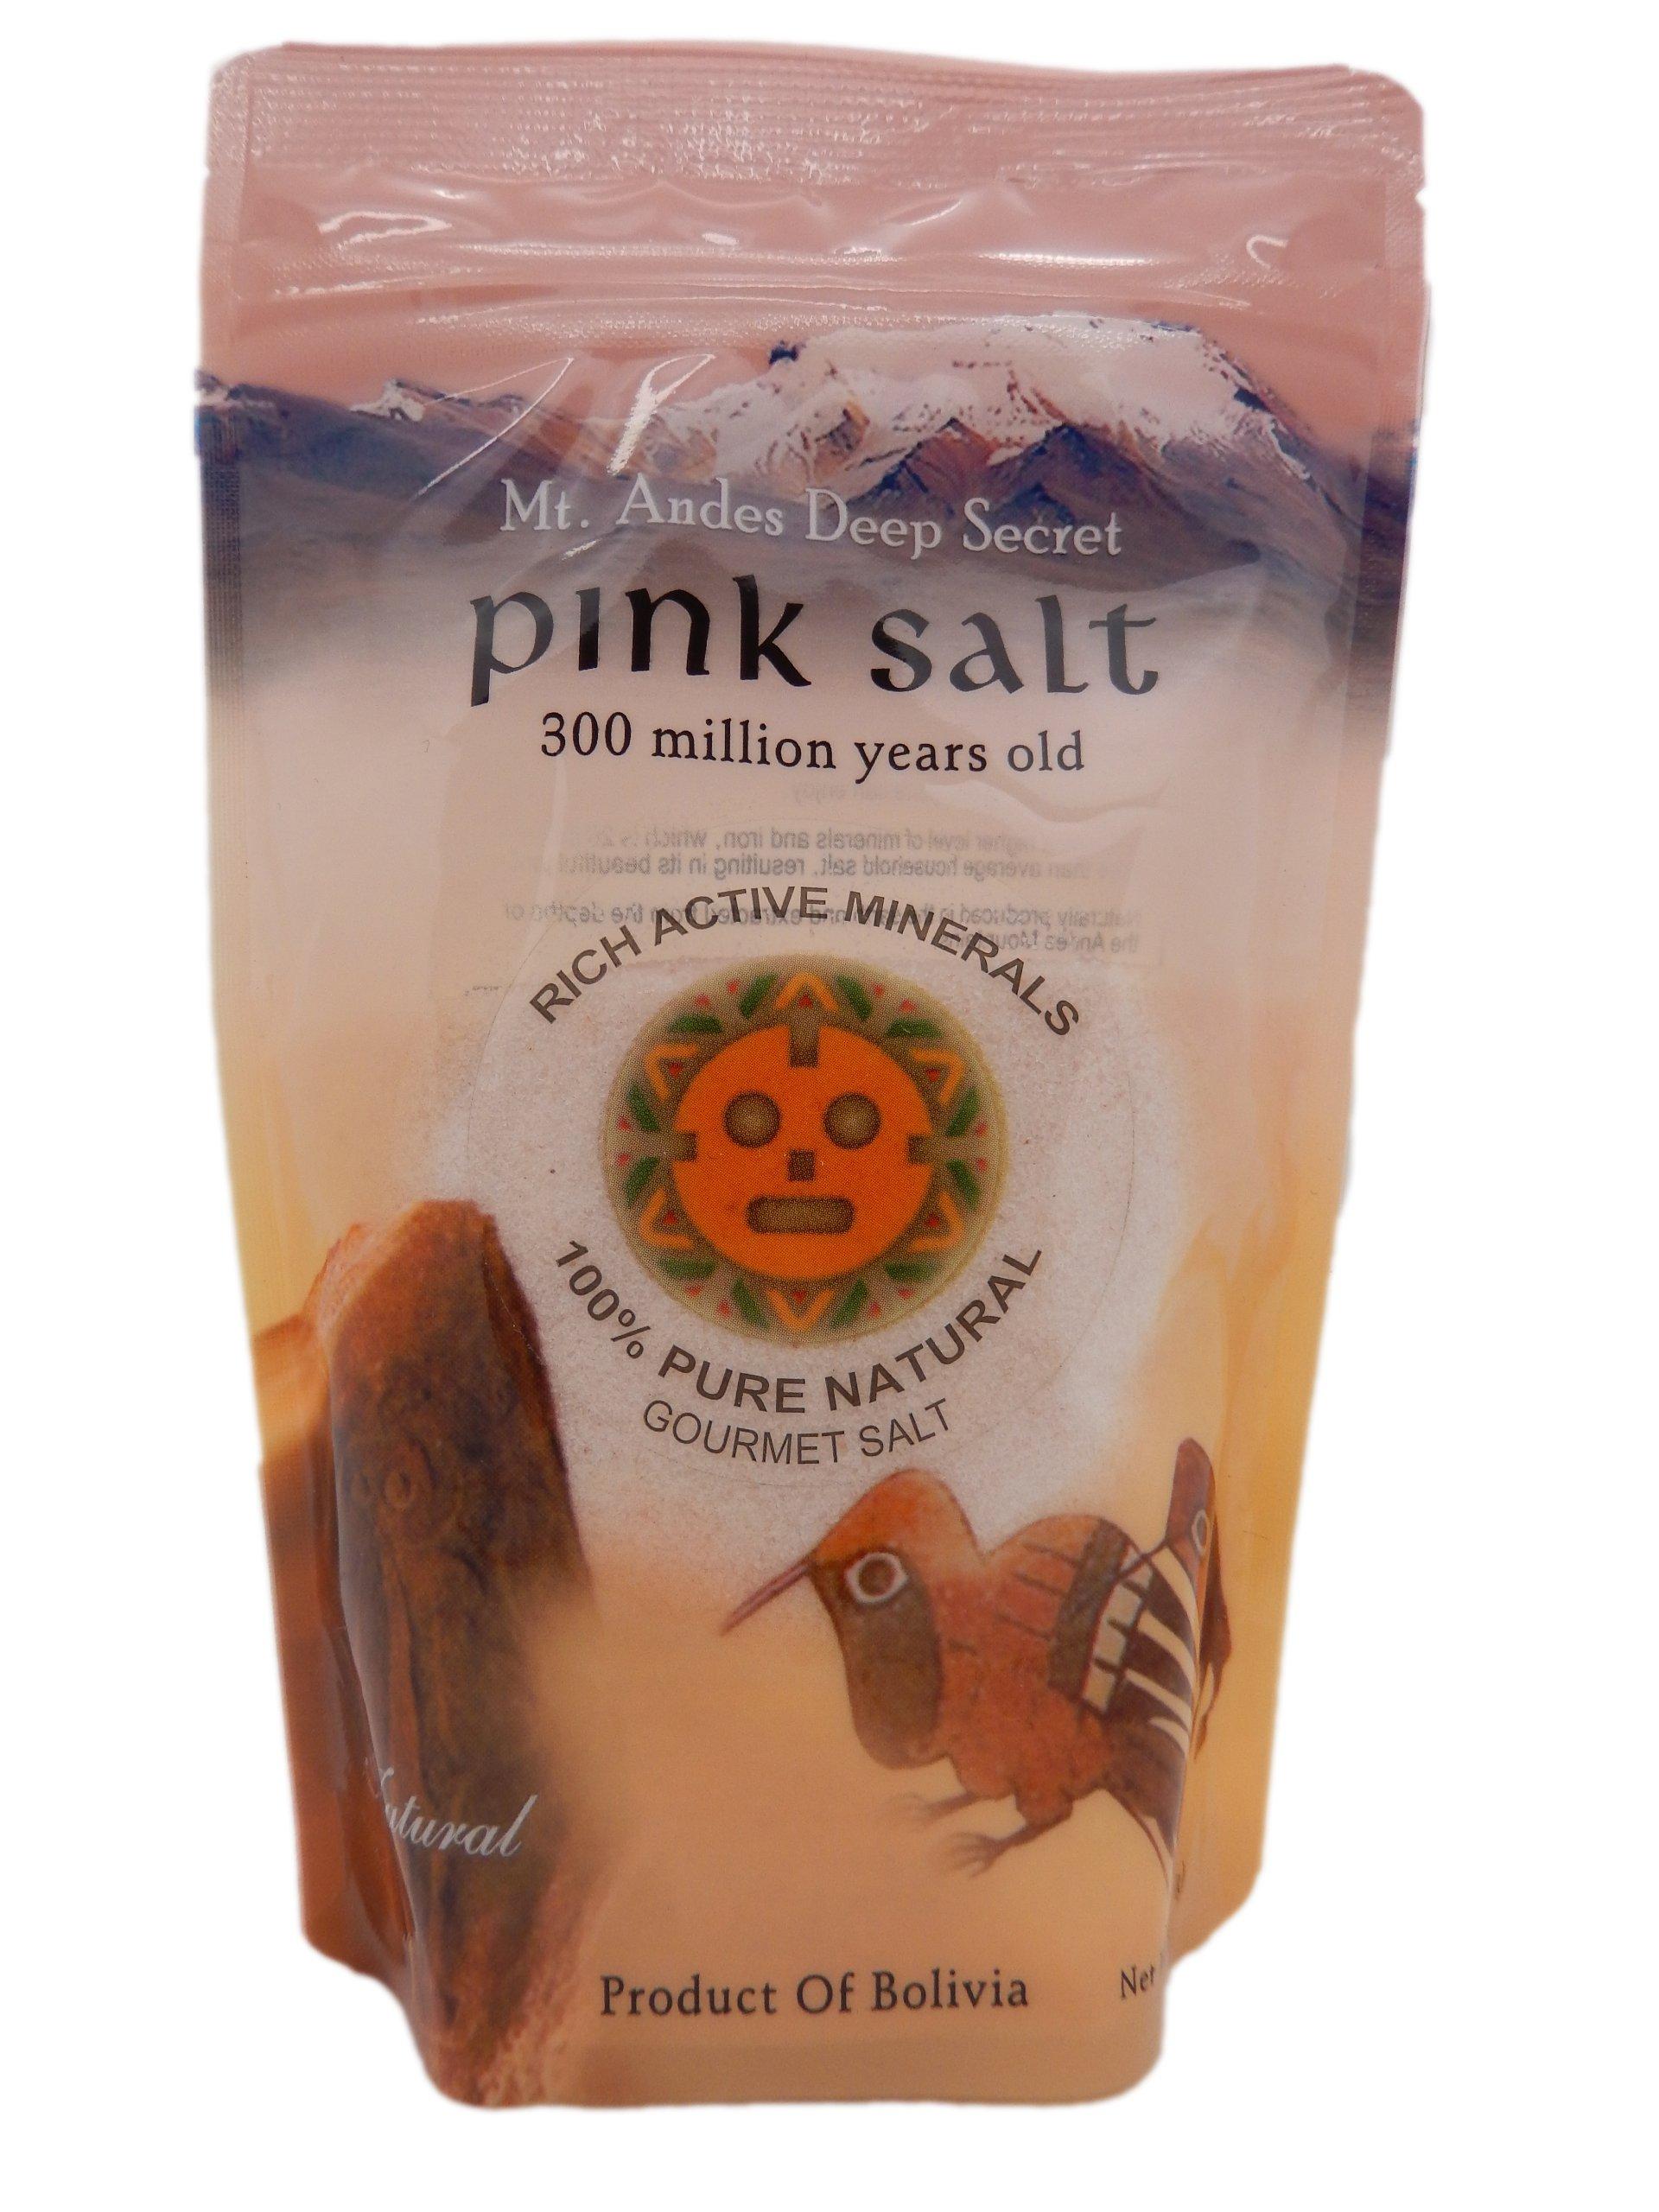 Pink Salt, Deep Secret Pink Salt (Fine), 100% Pure Natural Gourmet Salt, Bbq(barbeque) Salt, Seasoning Salt, Mt Andes Bolivia Pink Salt.